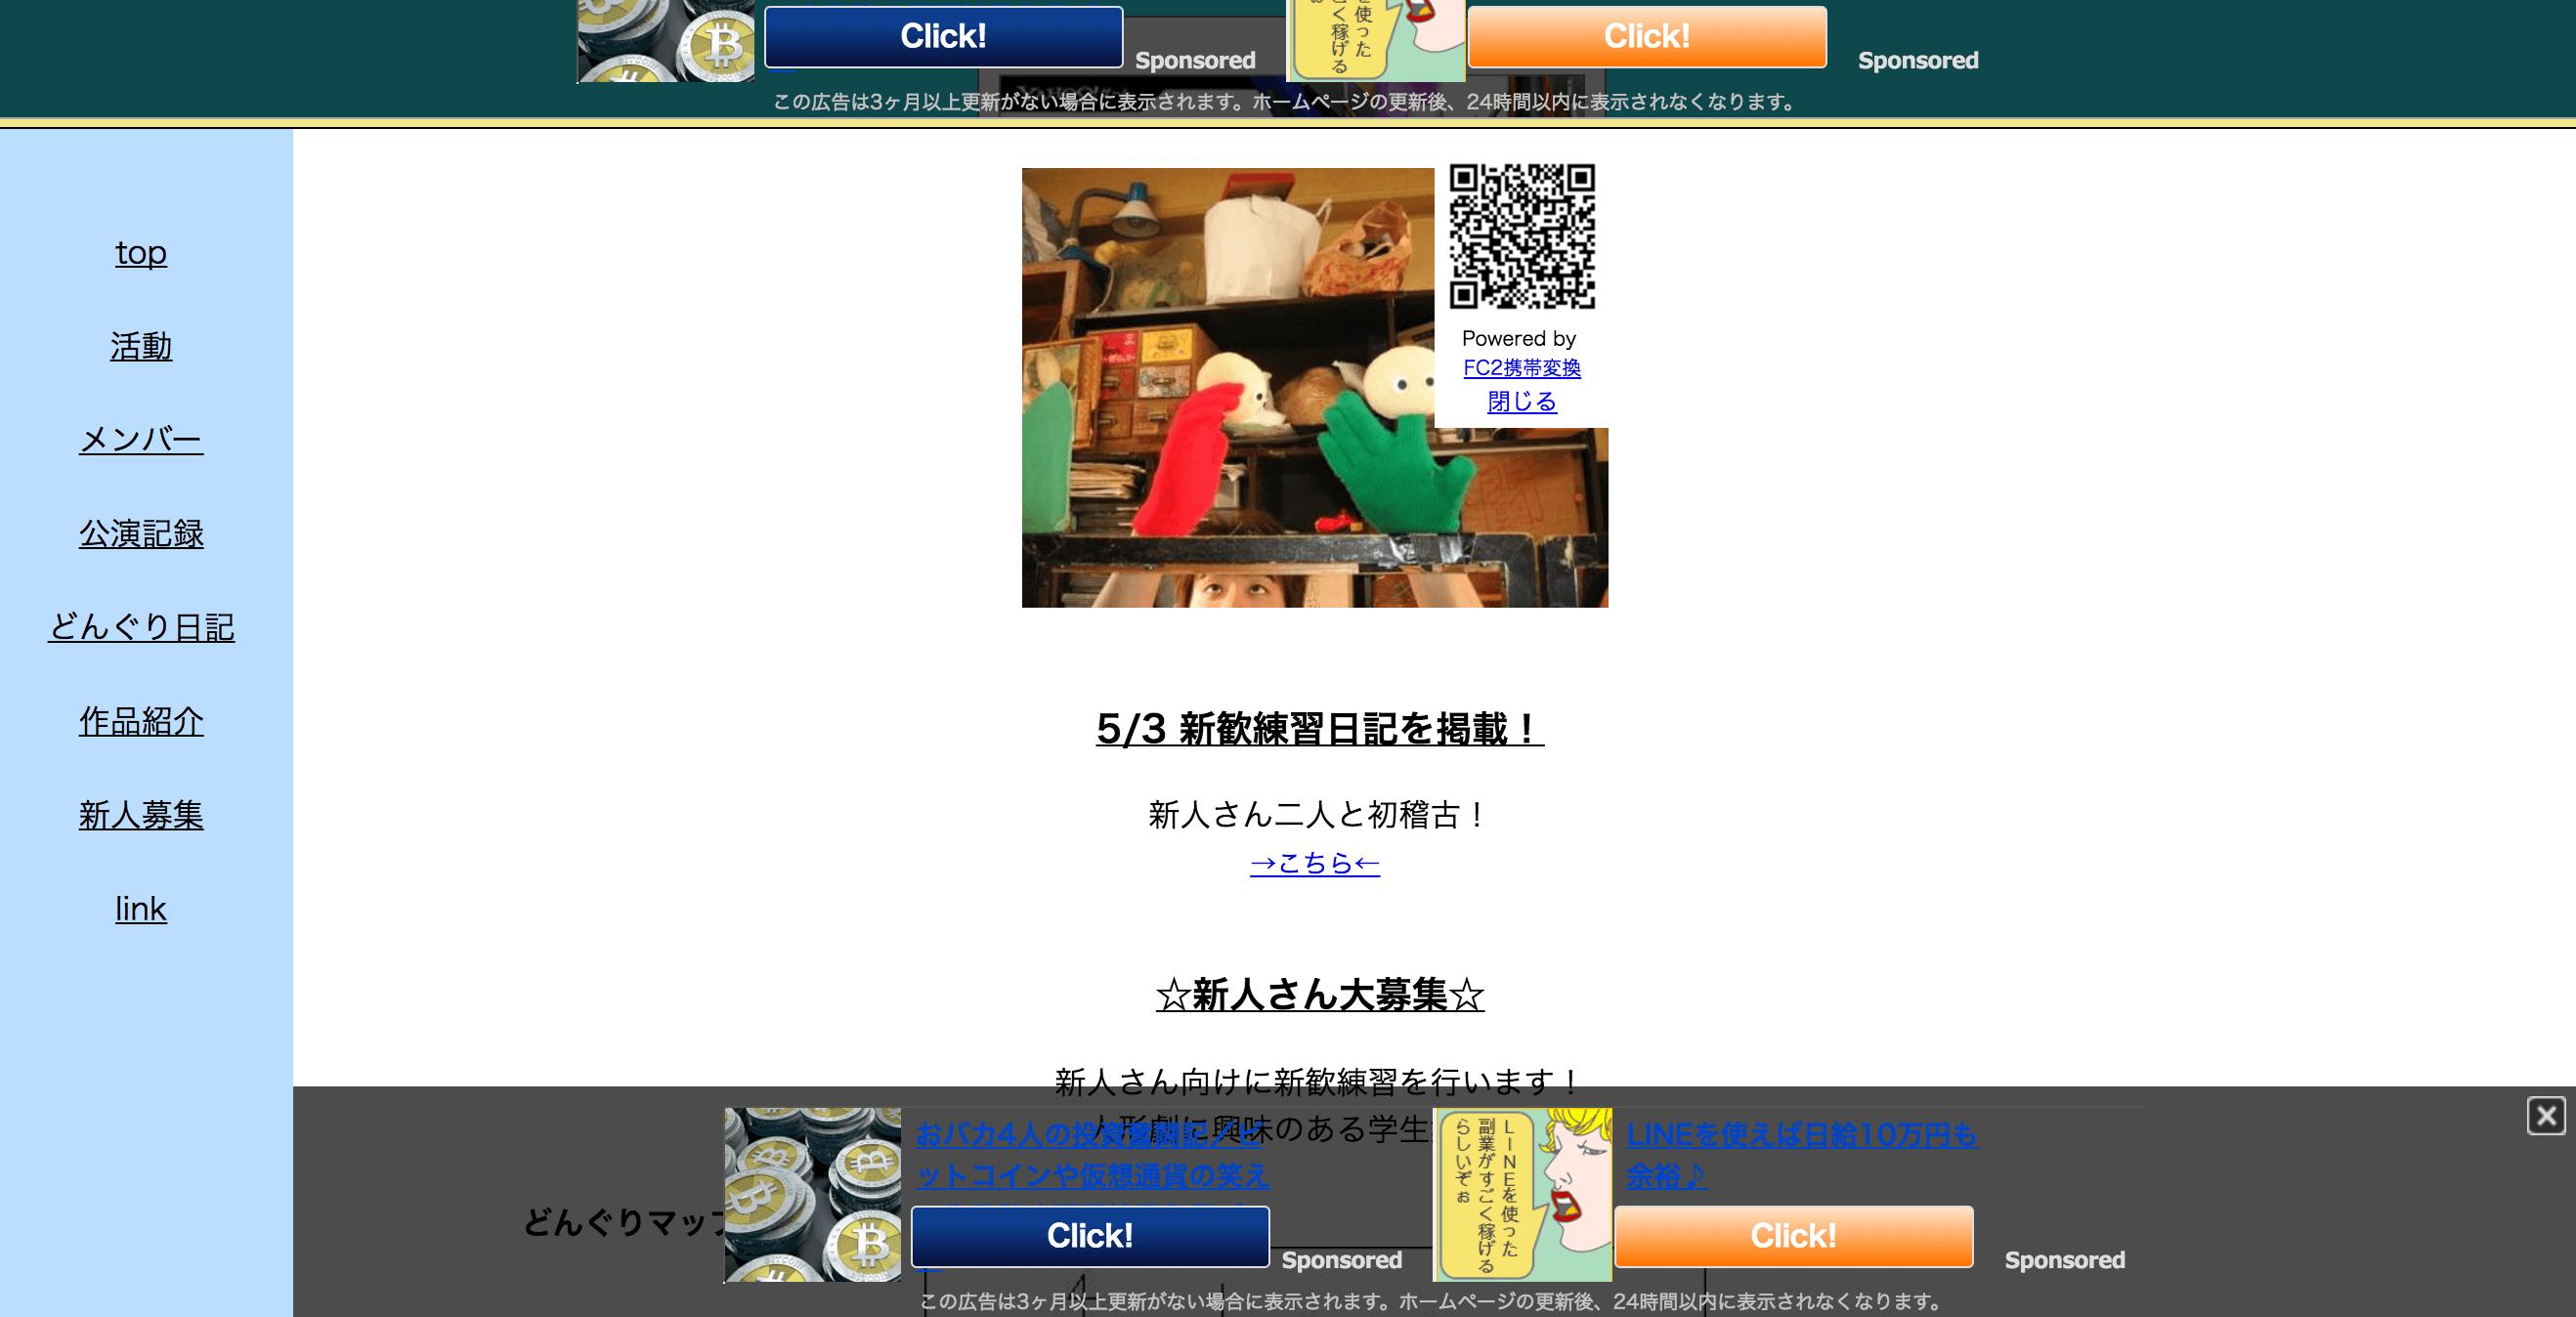 名古屋大学人形劇サークル どんぐりデザイン